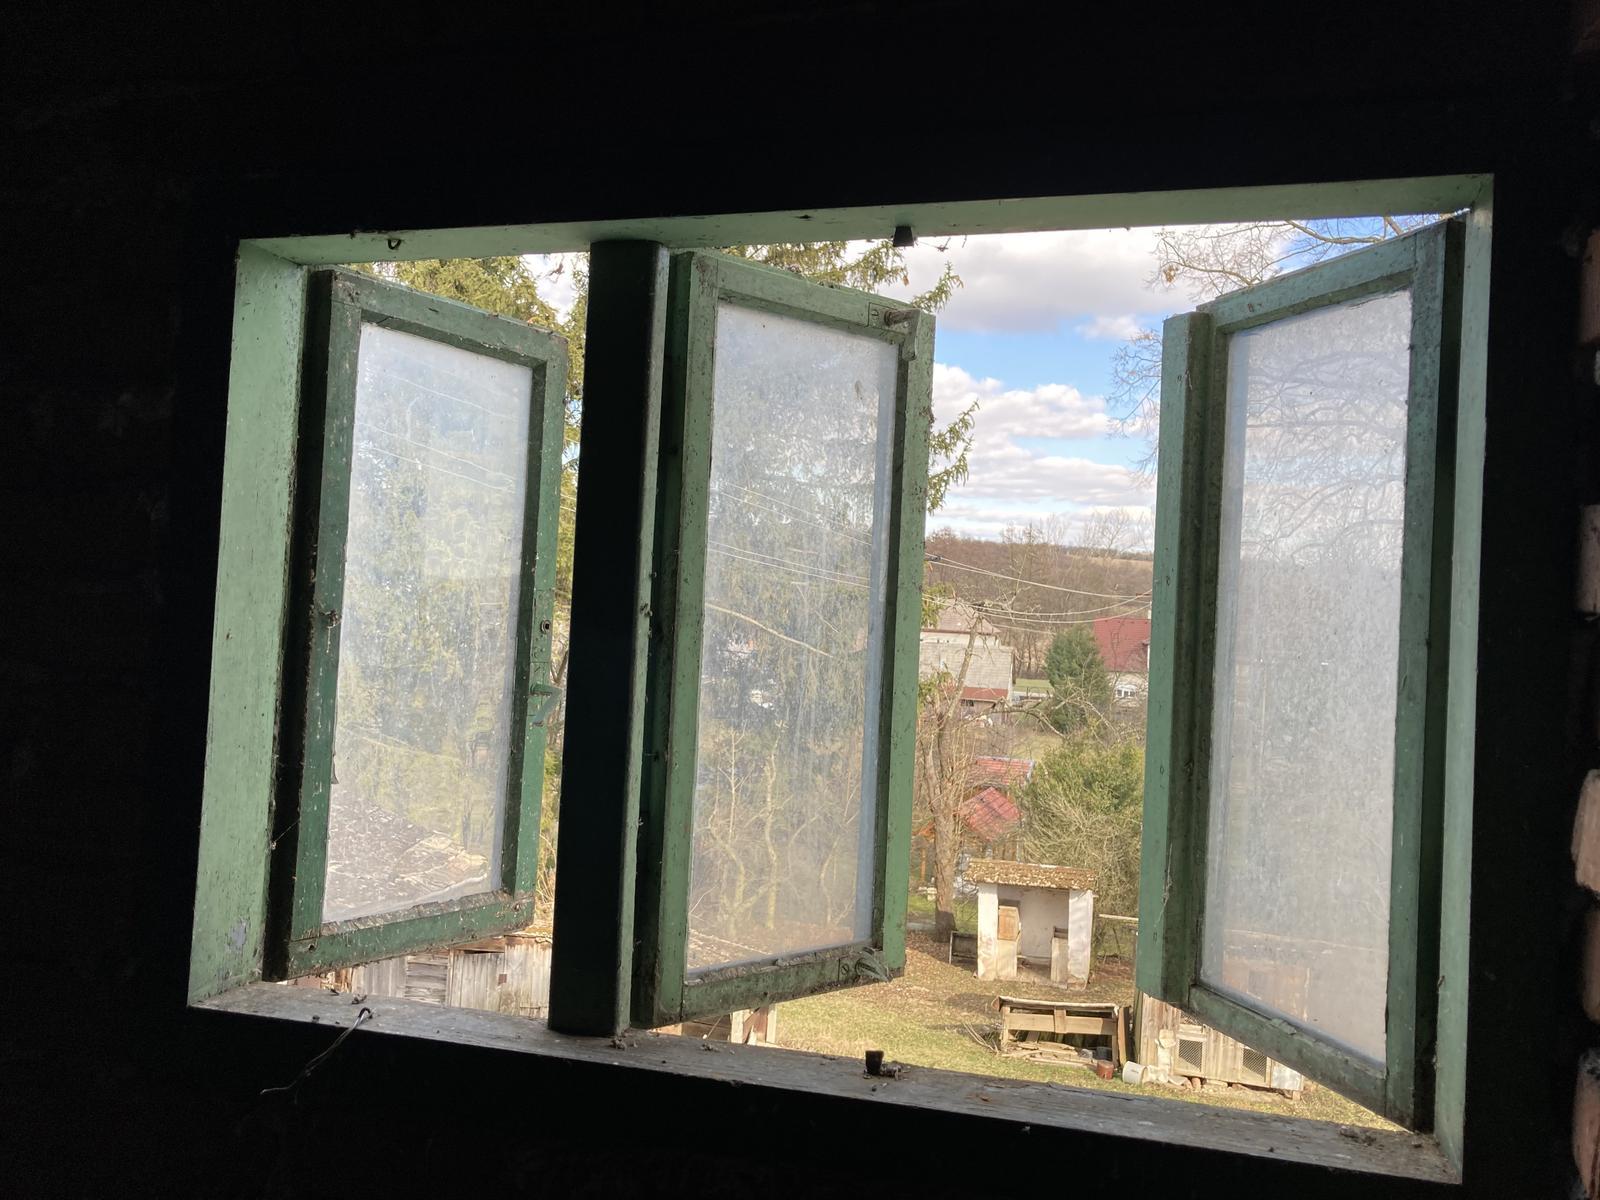 Dom - ...  a ide sa na okno na povale / v podkrovi ;)